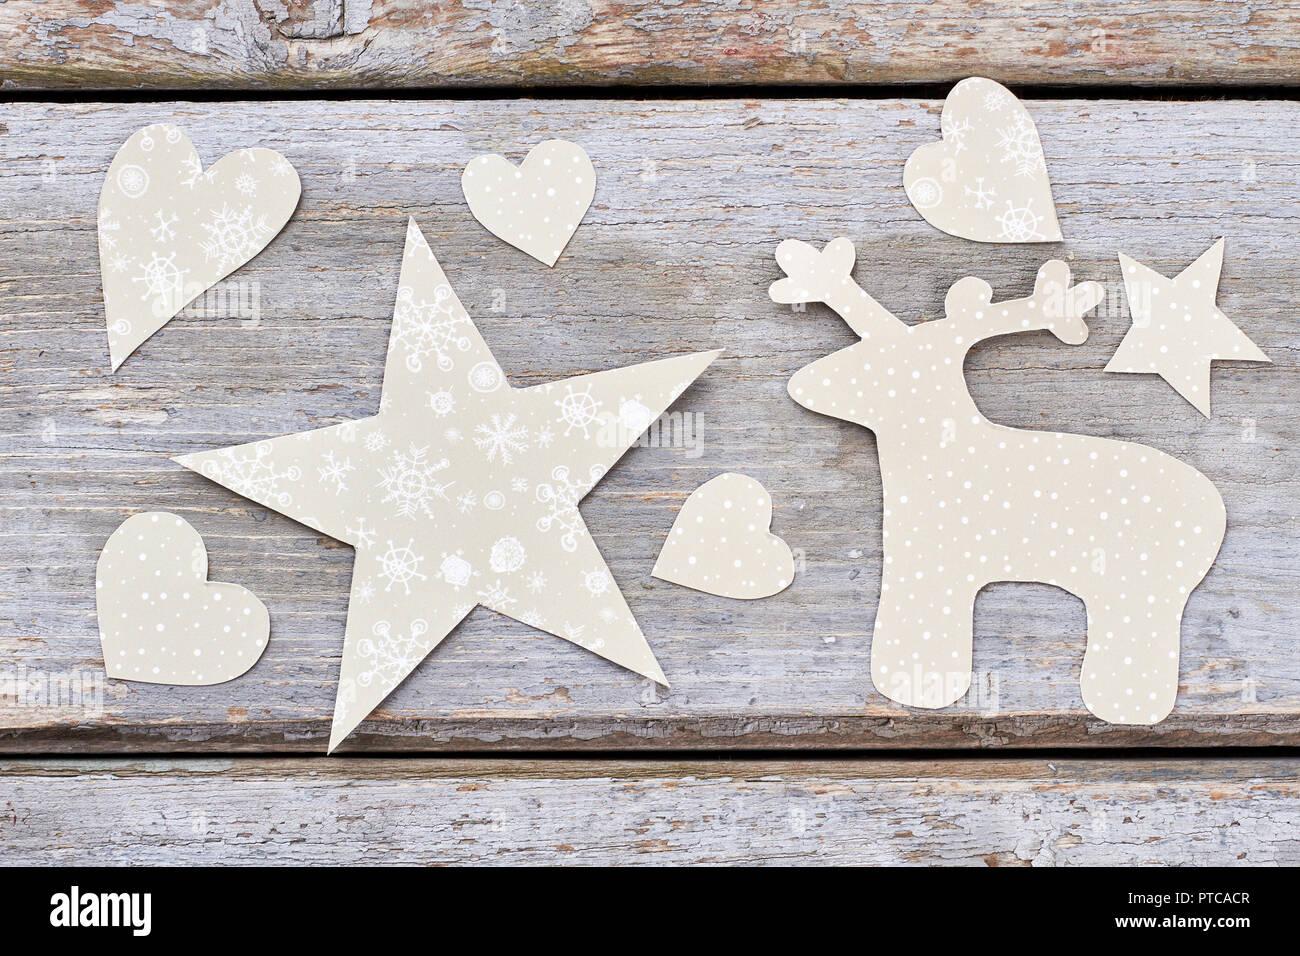 Bastelpapier Weihnachten.Childrens Handmade Weihnachten Papier Geschnitzten Ornamenten